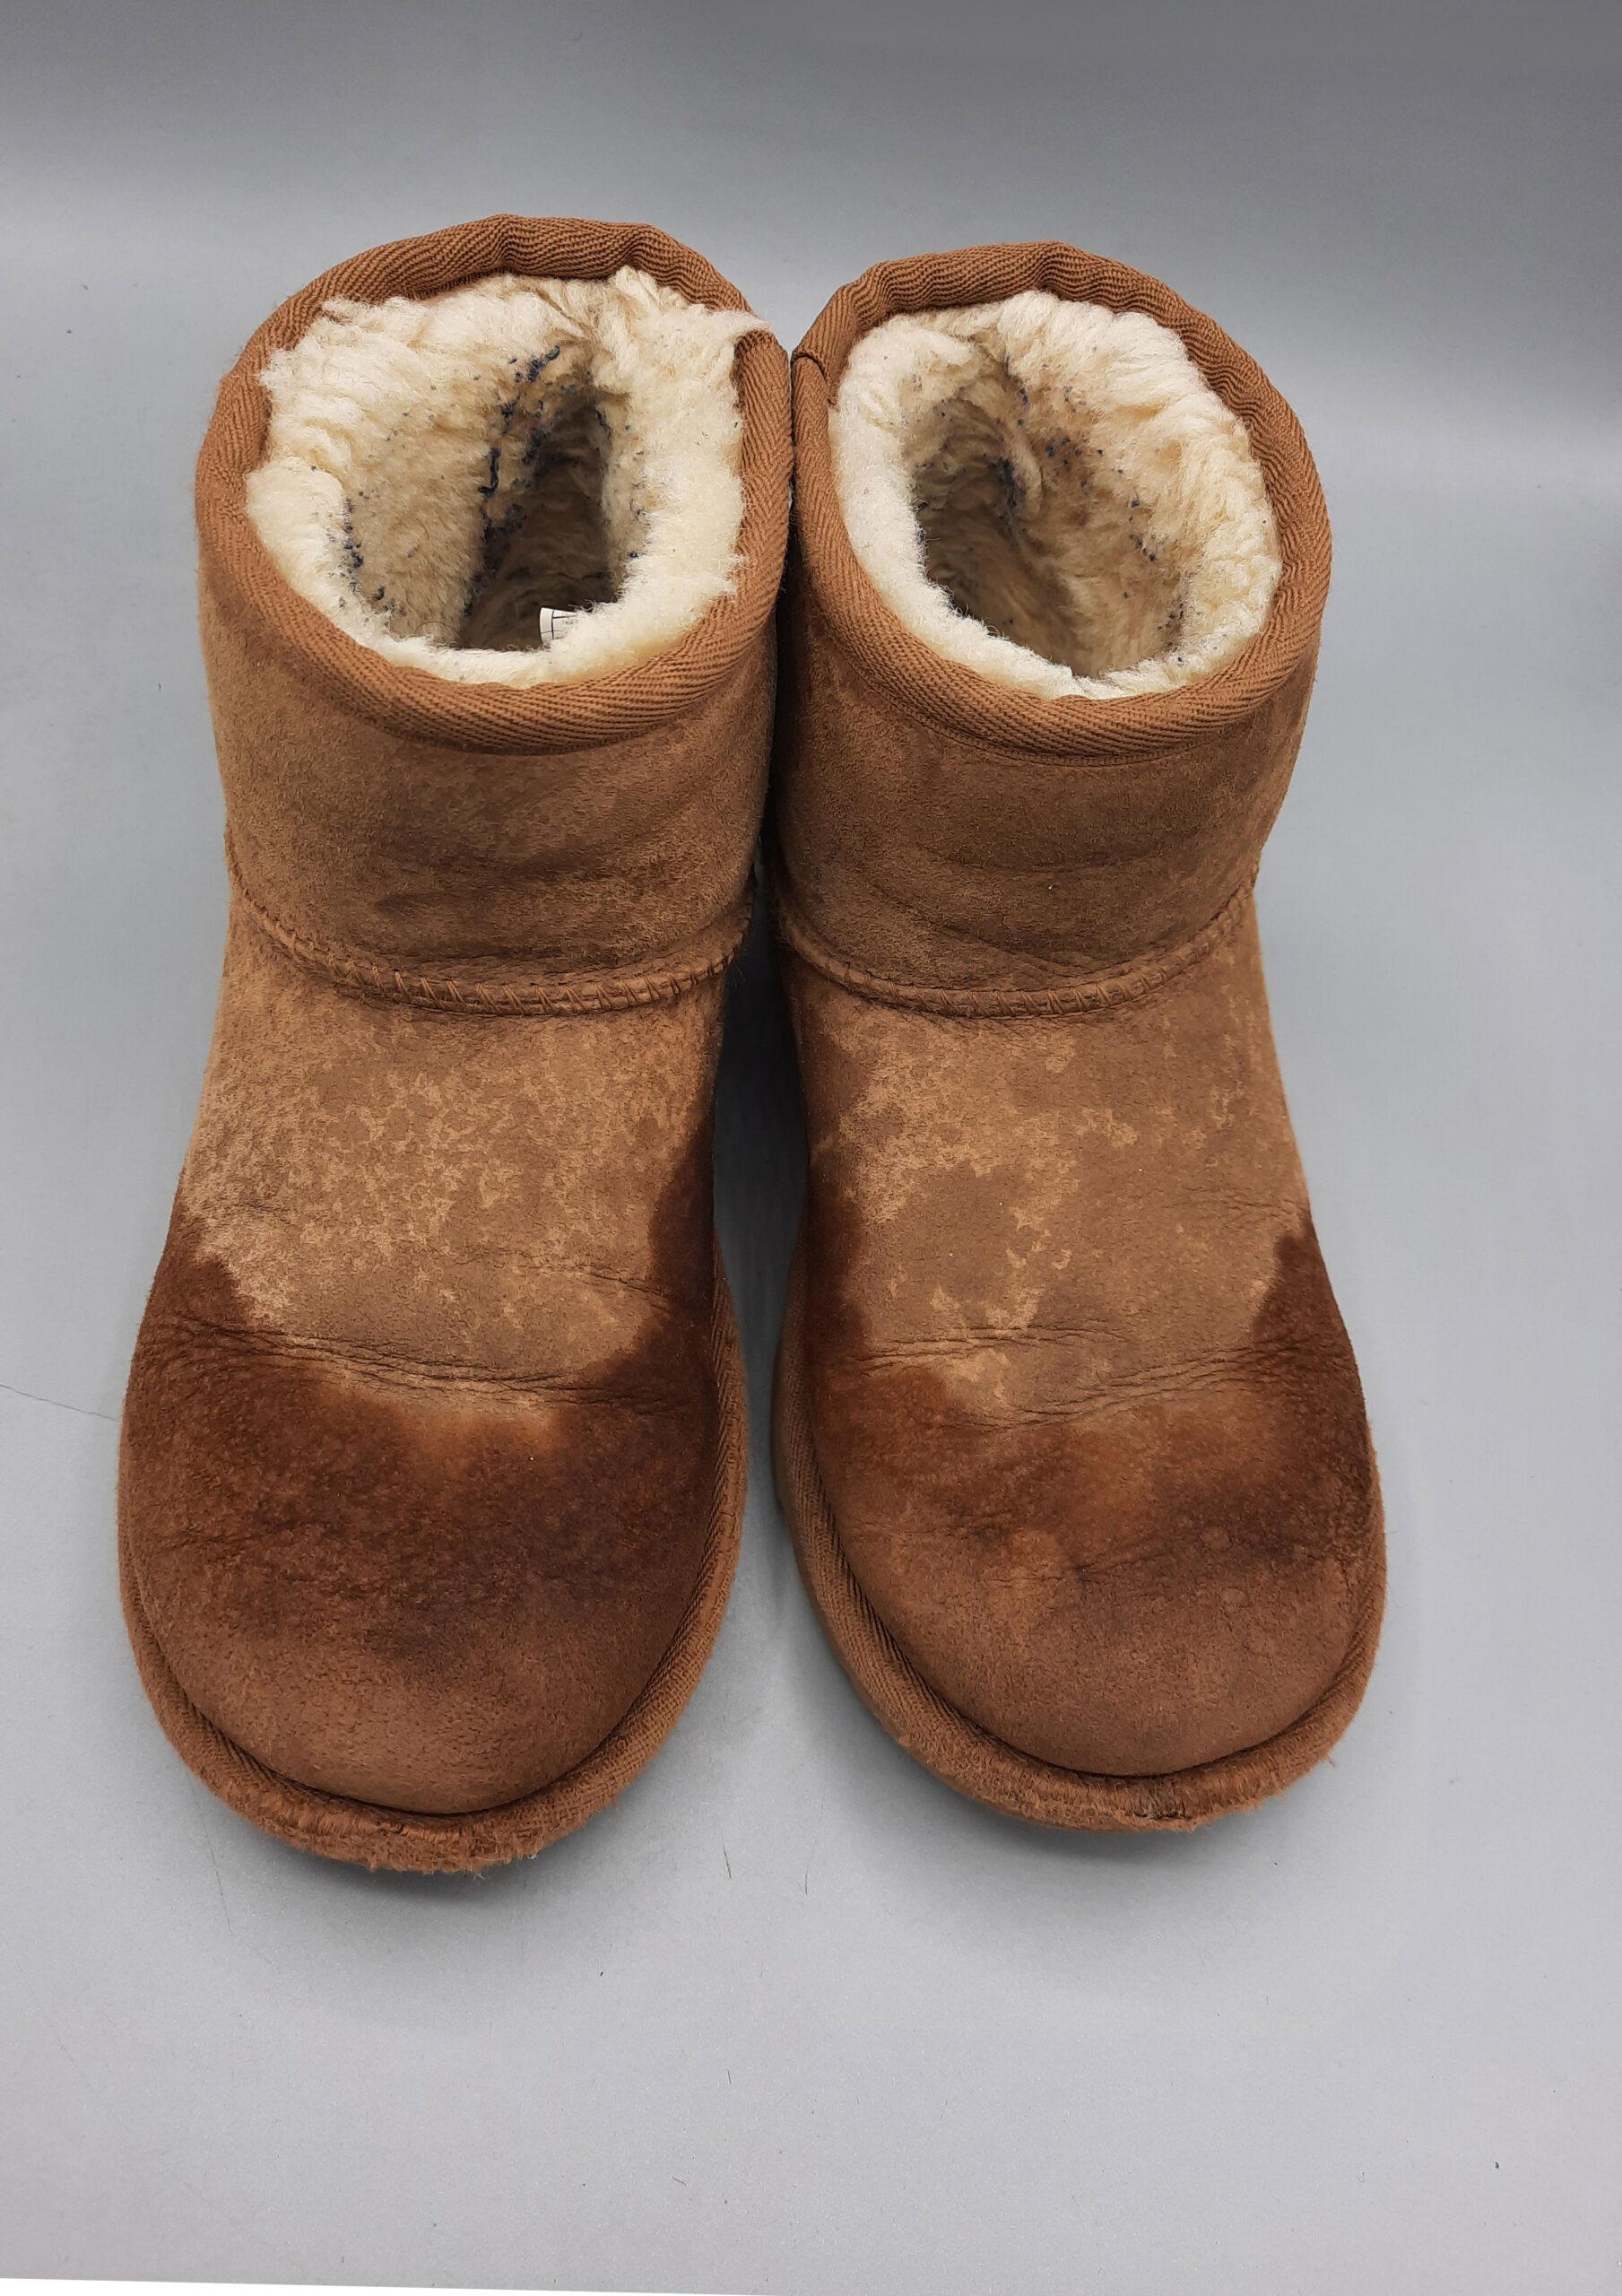 Pulizia e riparazione scarpe Padova 2